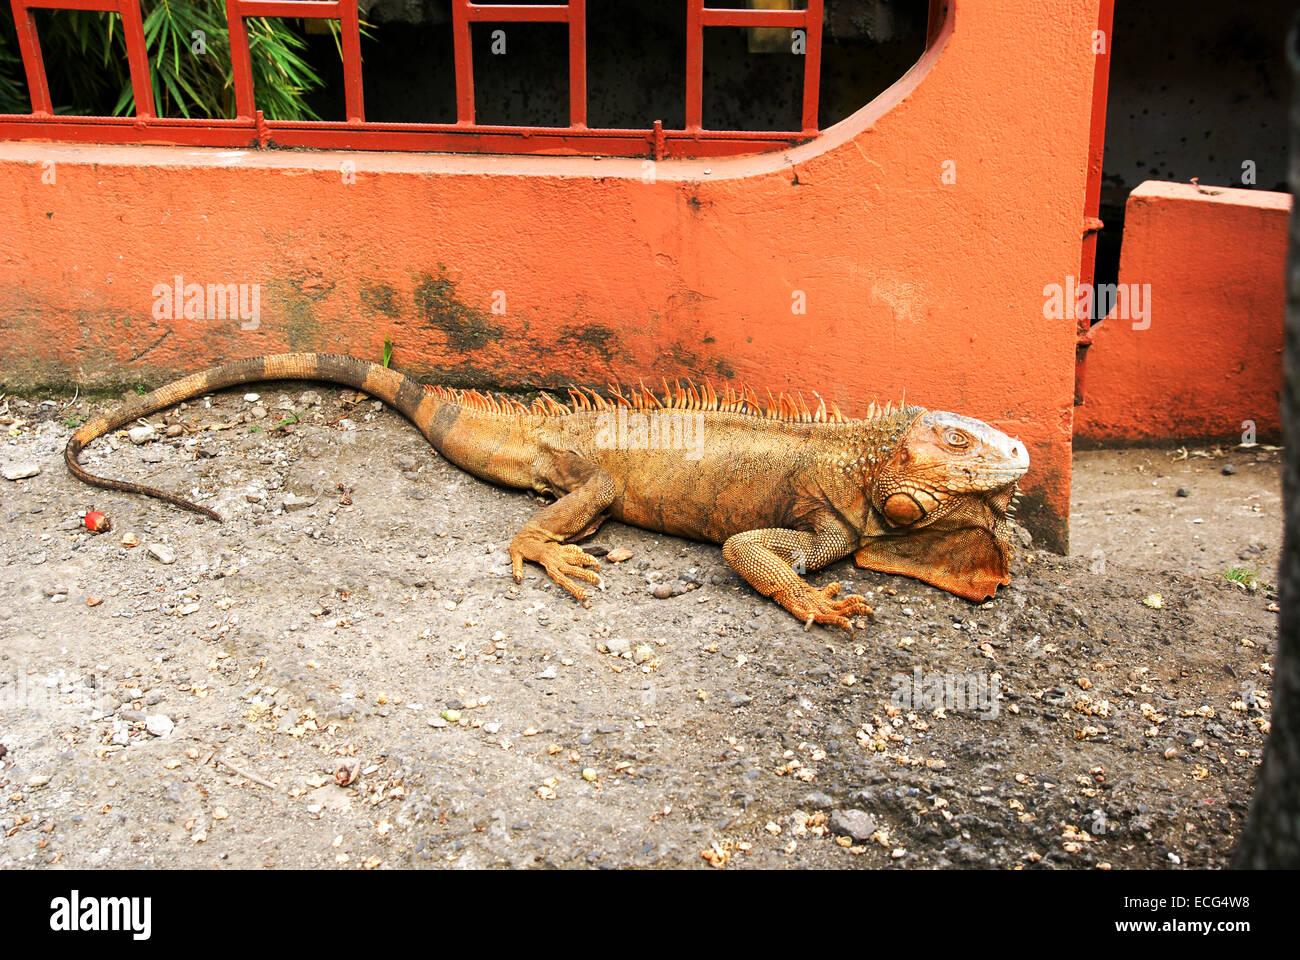 Un geen iguana o comune (iguana Iguana iguana) sul suolo. Fotografato il Vulcano Arenal, Costa Rica Immagini Stock